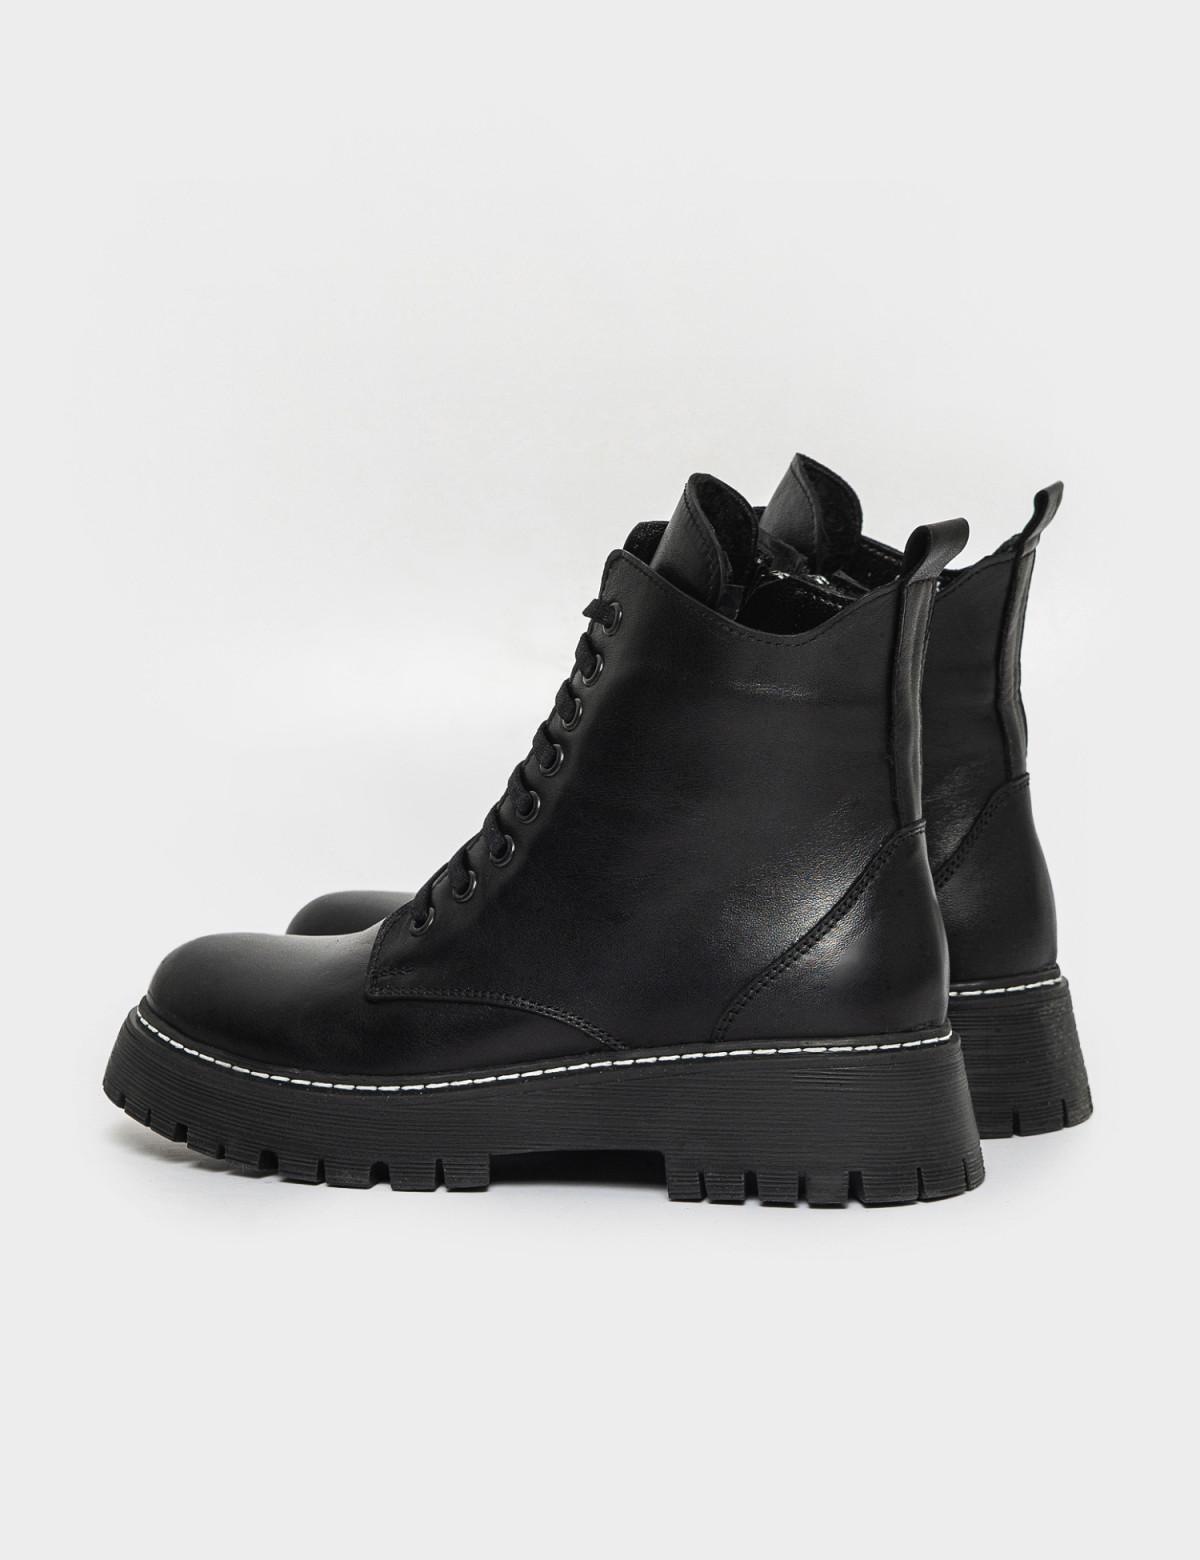 Ботинки черные. Натуральная кожа. Мех2